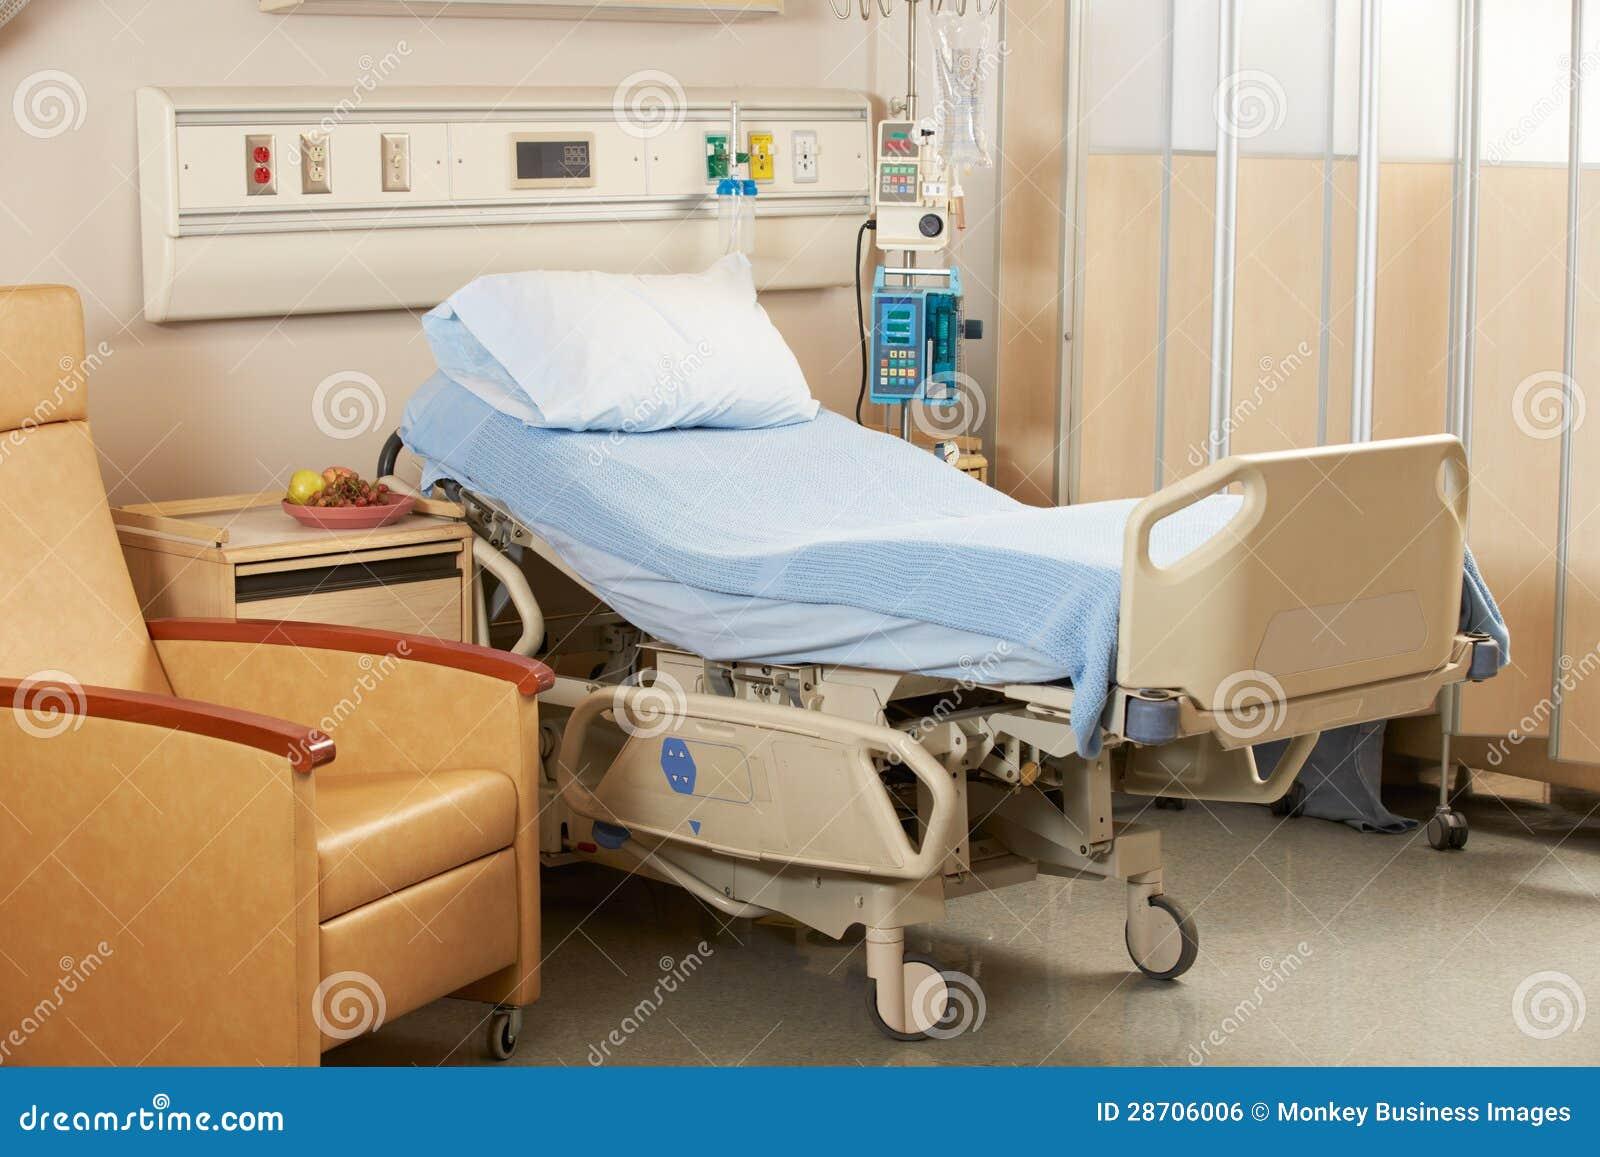 Cama vac a en sala de hospital foto de archivo imagen for Sal vacuum pastillas